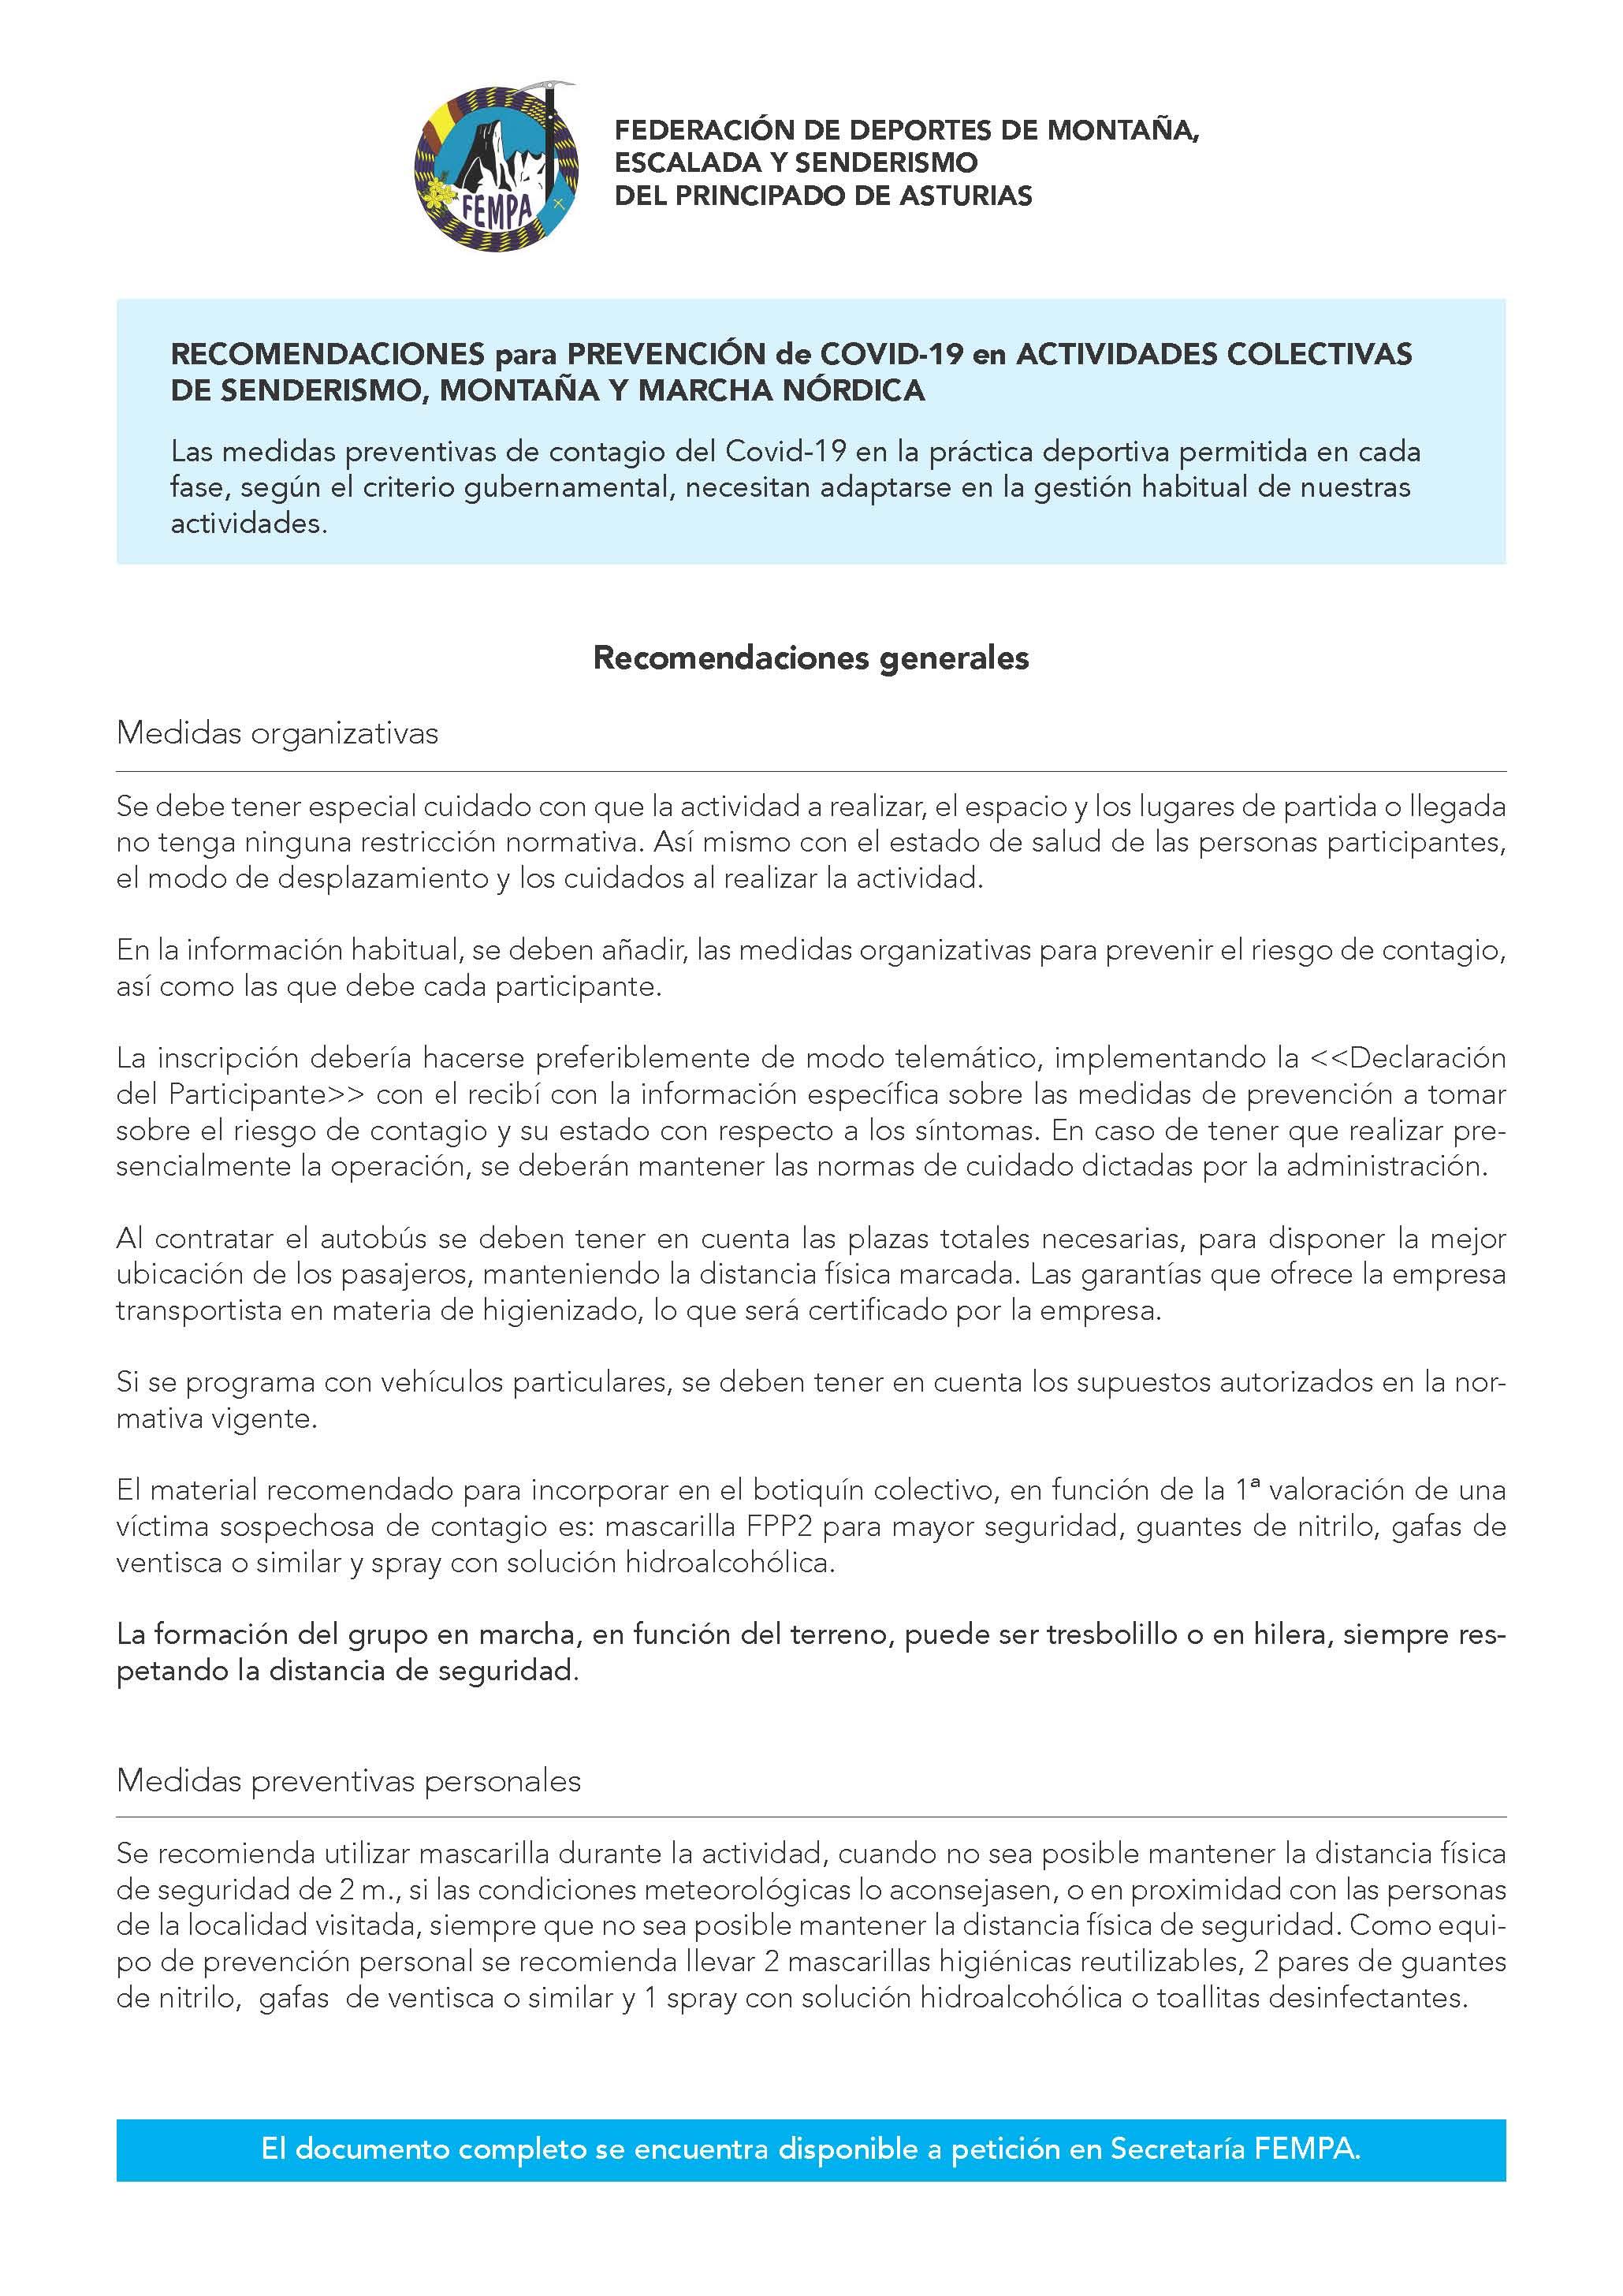 PREVENCION COVID 19 ACTIVIDADES COLECTIVAS NATURALEZA